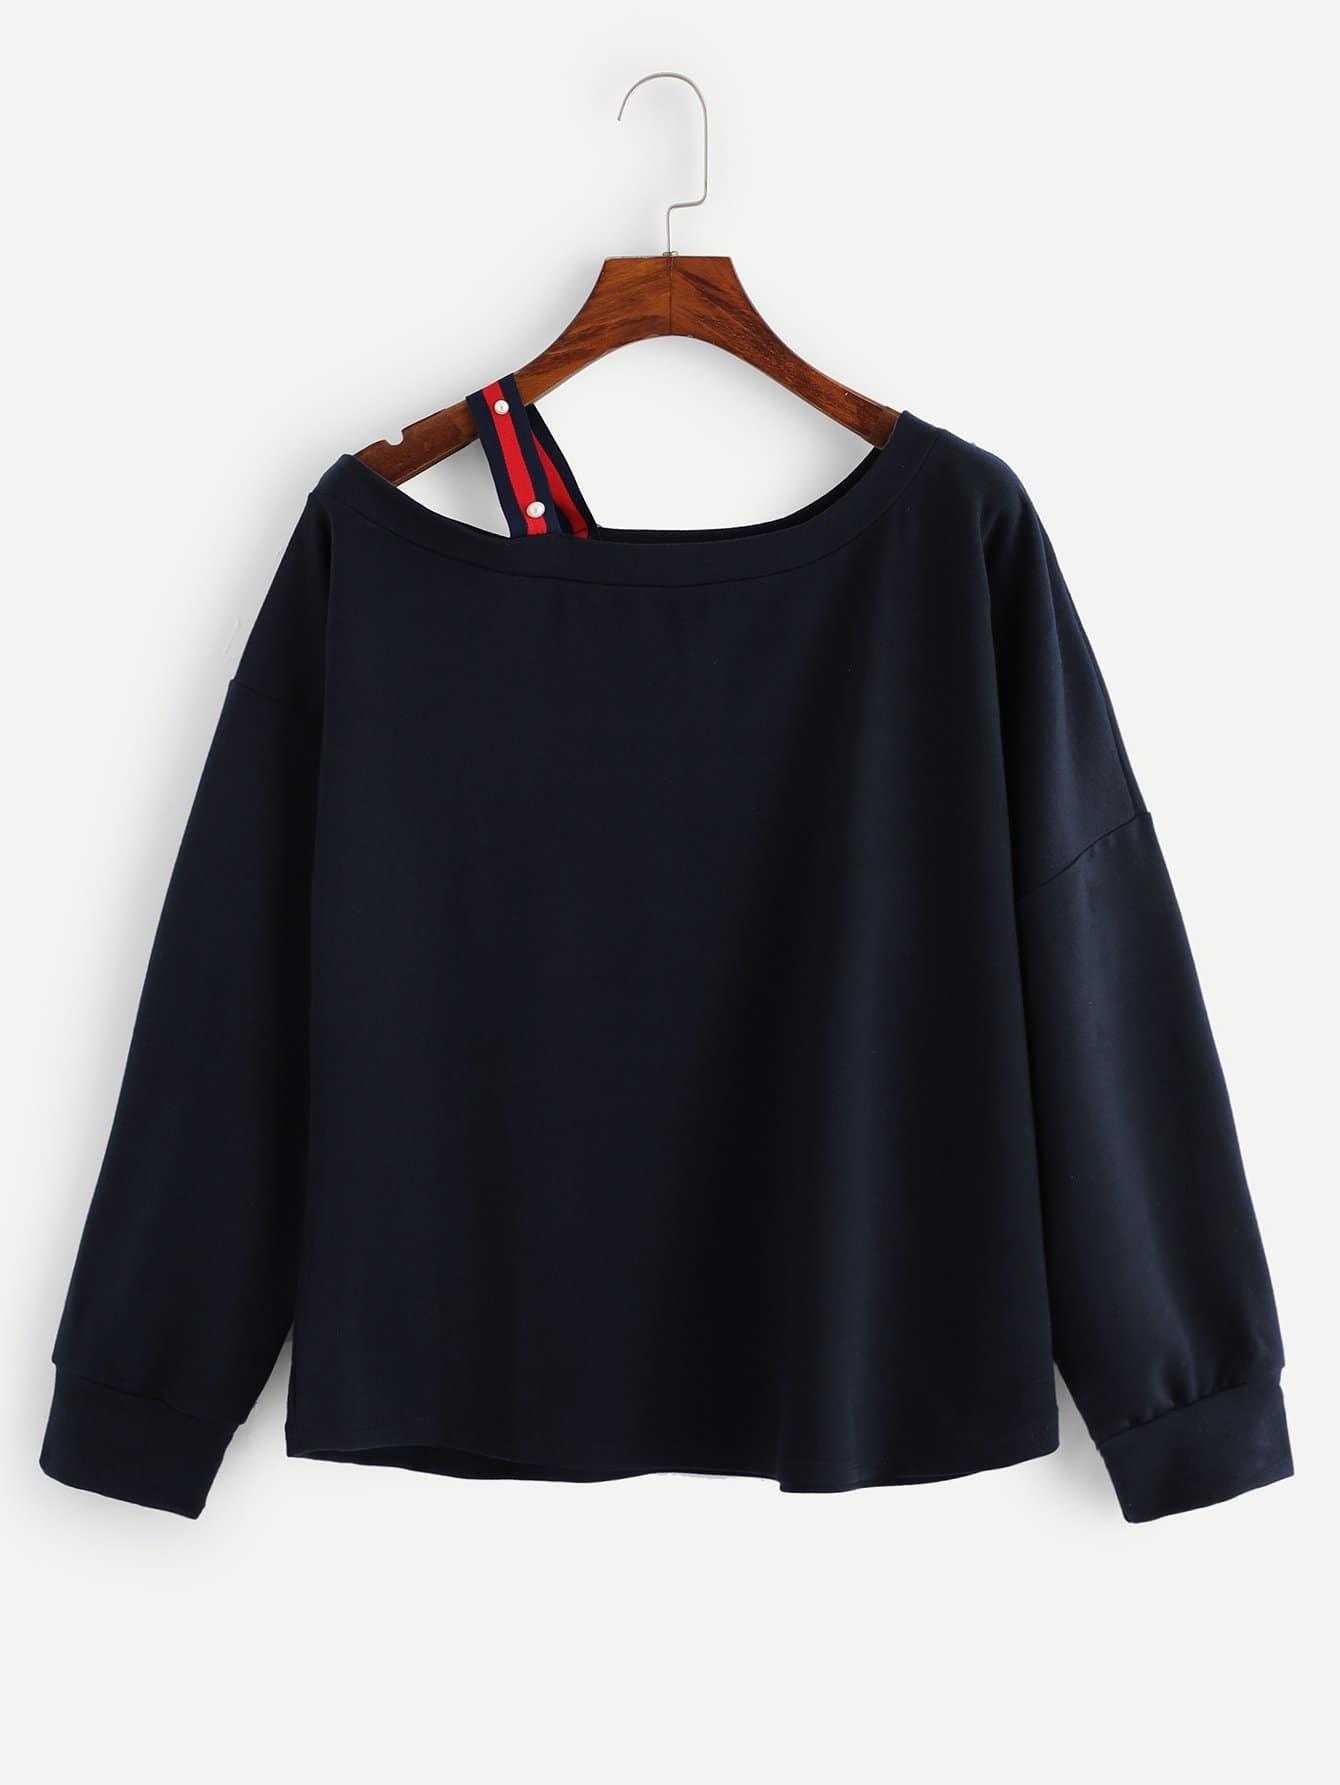 Купить Повседневный Ровный цвет Открытые плечи Пуловеры Темно синий Свитшоты, null, SheIn